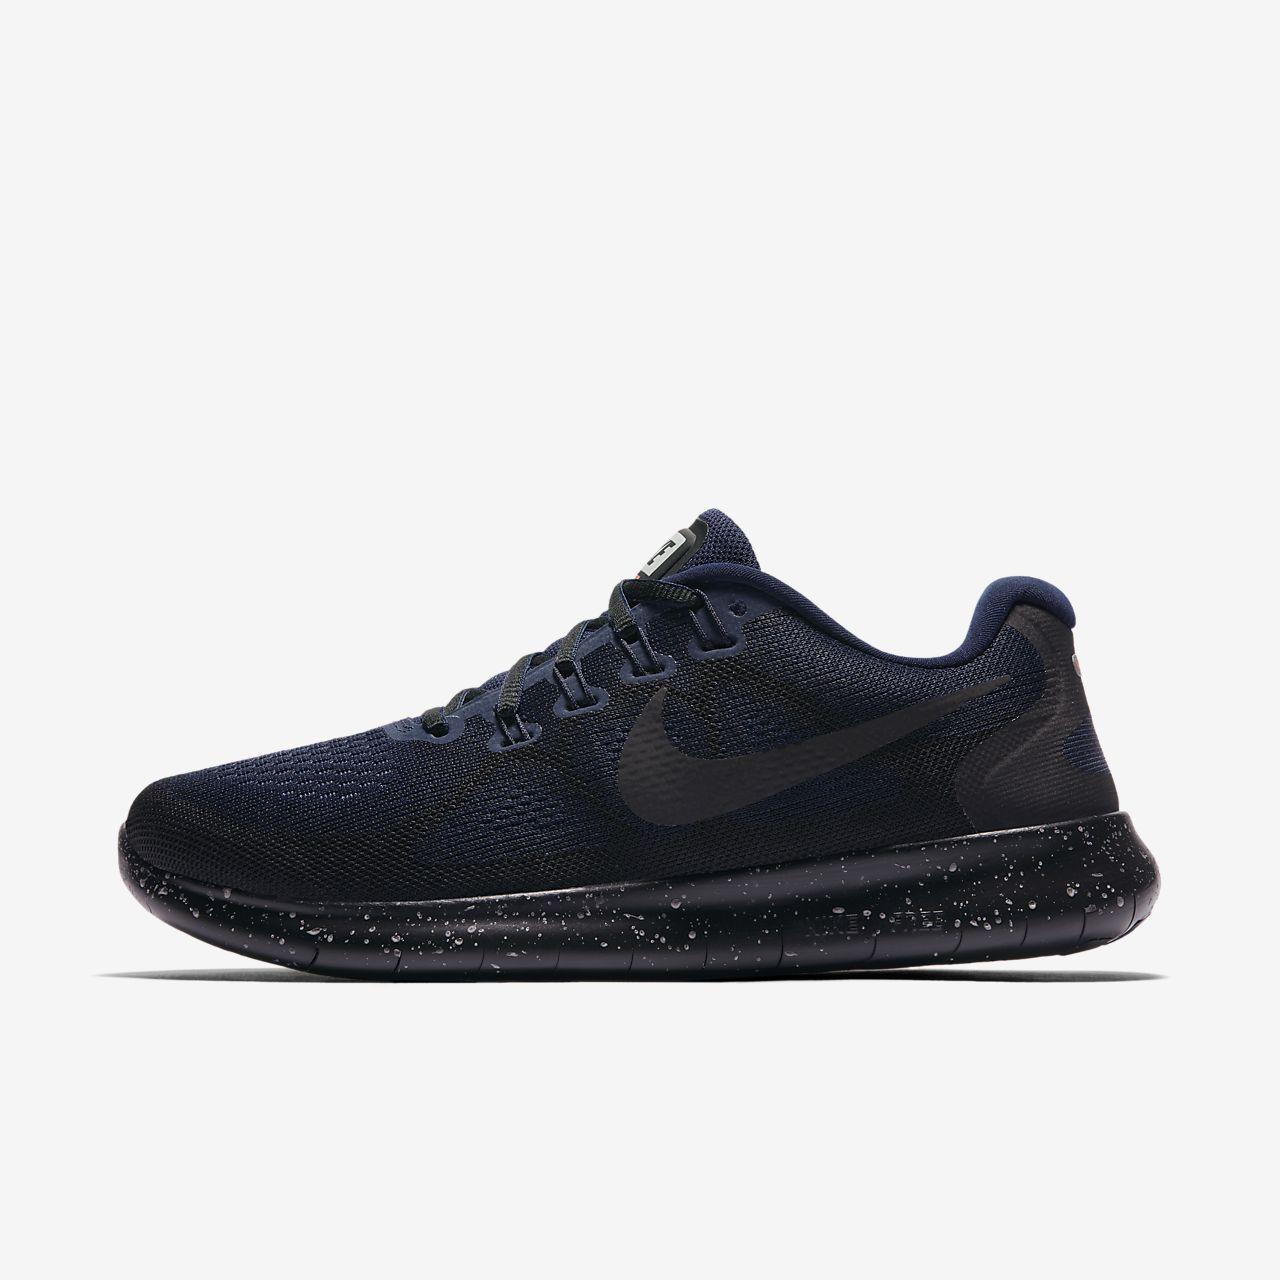 9c3e3eebe03f4 Nike Free RN 2017 Shield Women s Running Shoe